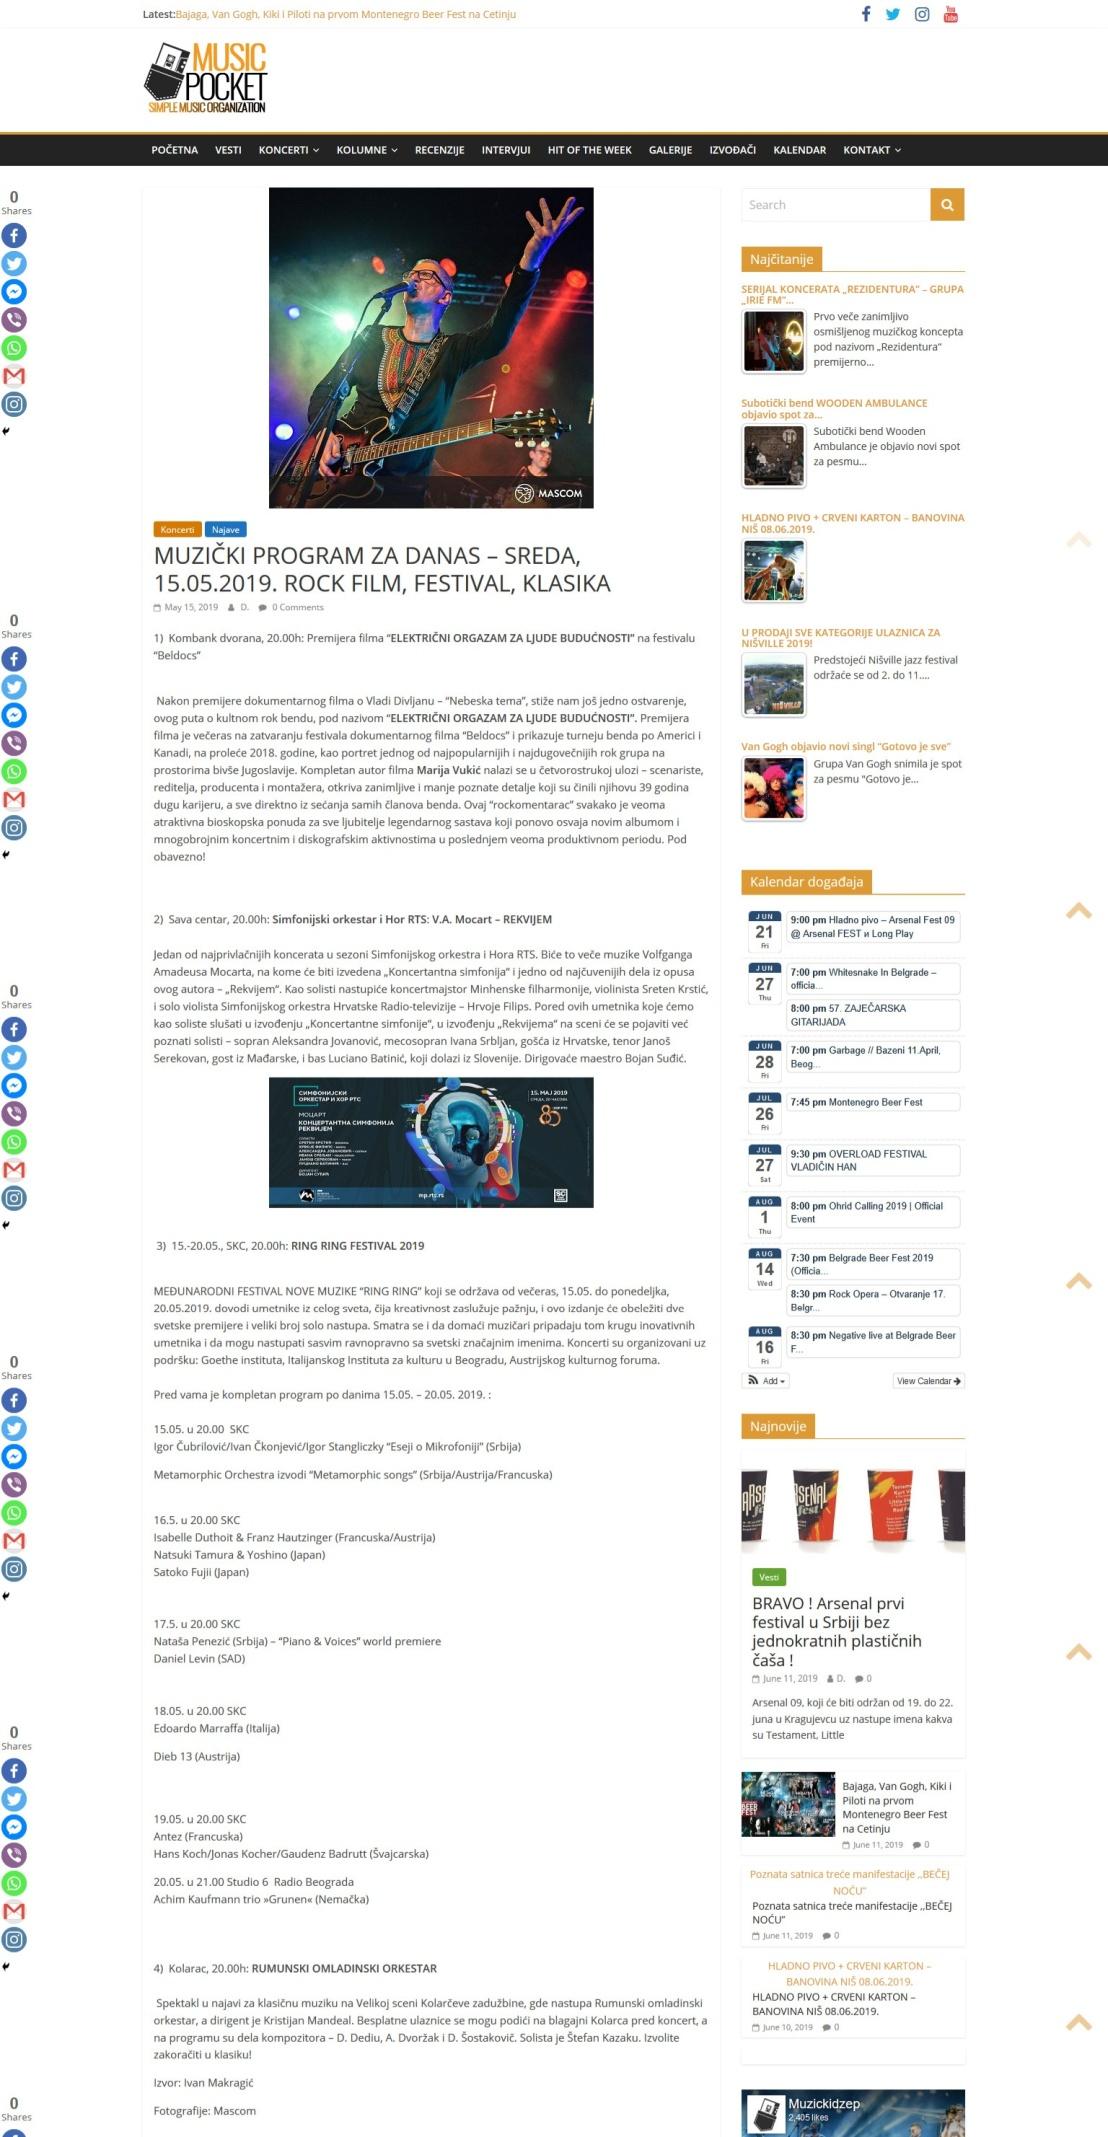 1505 - musicpocket.org - MUZICKI PROGRAM ZA DANAS - SREDA 15. 5